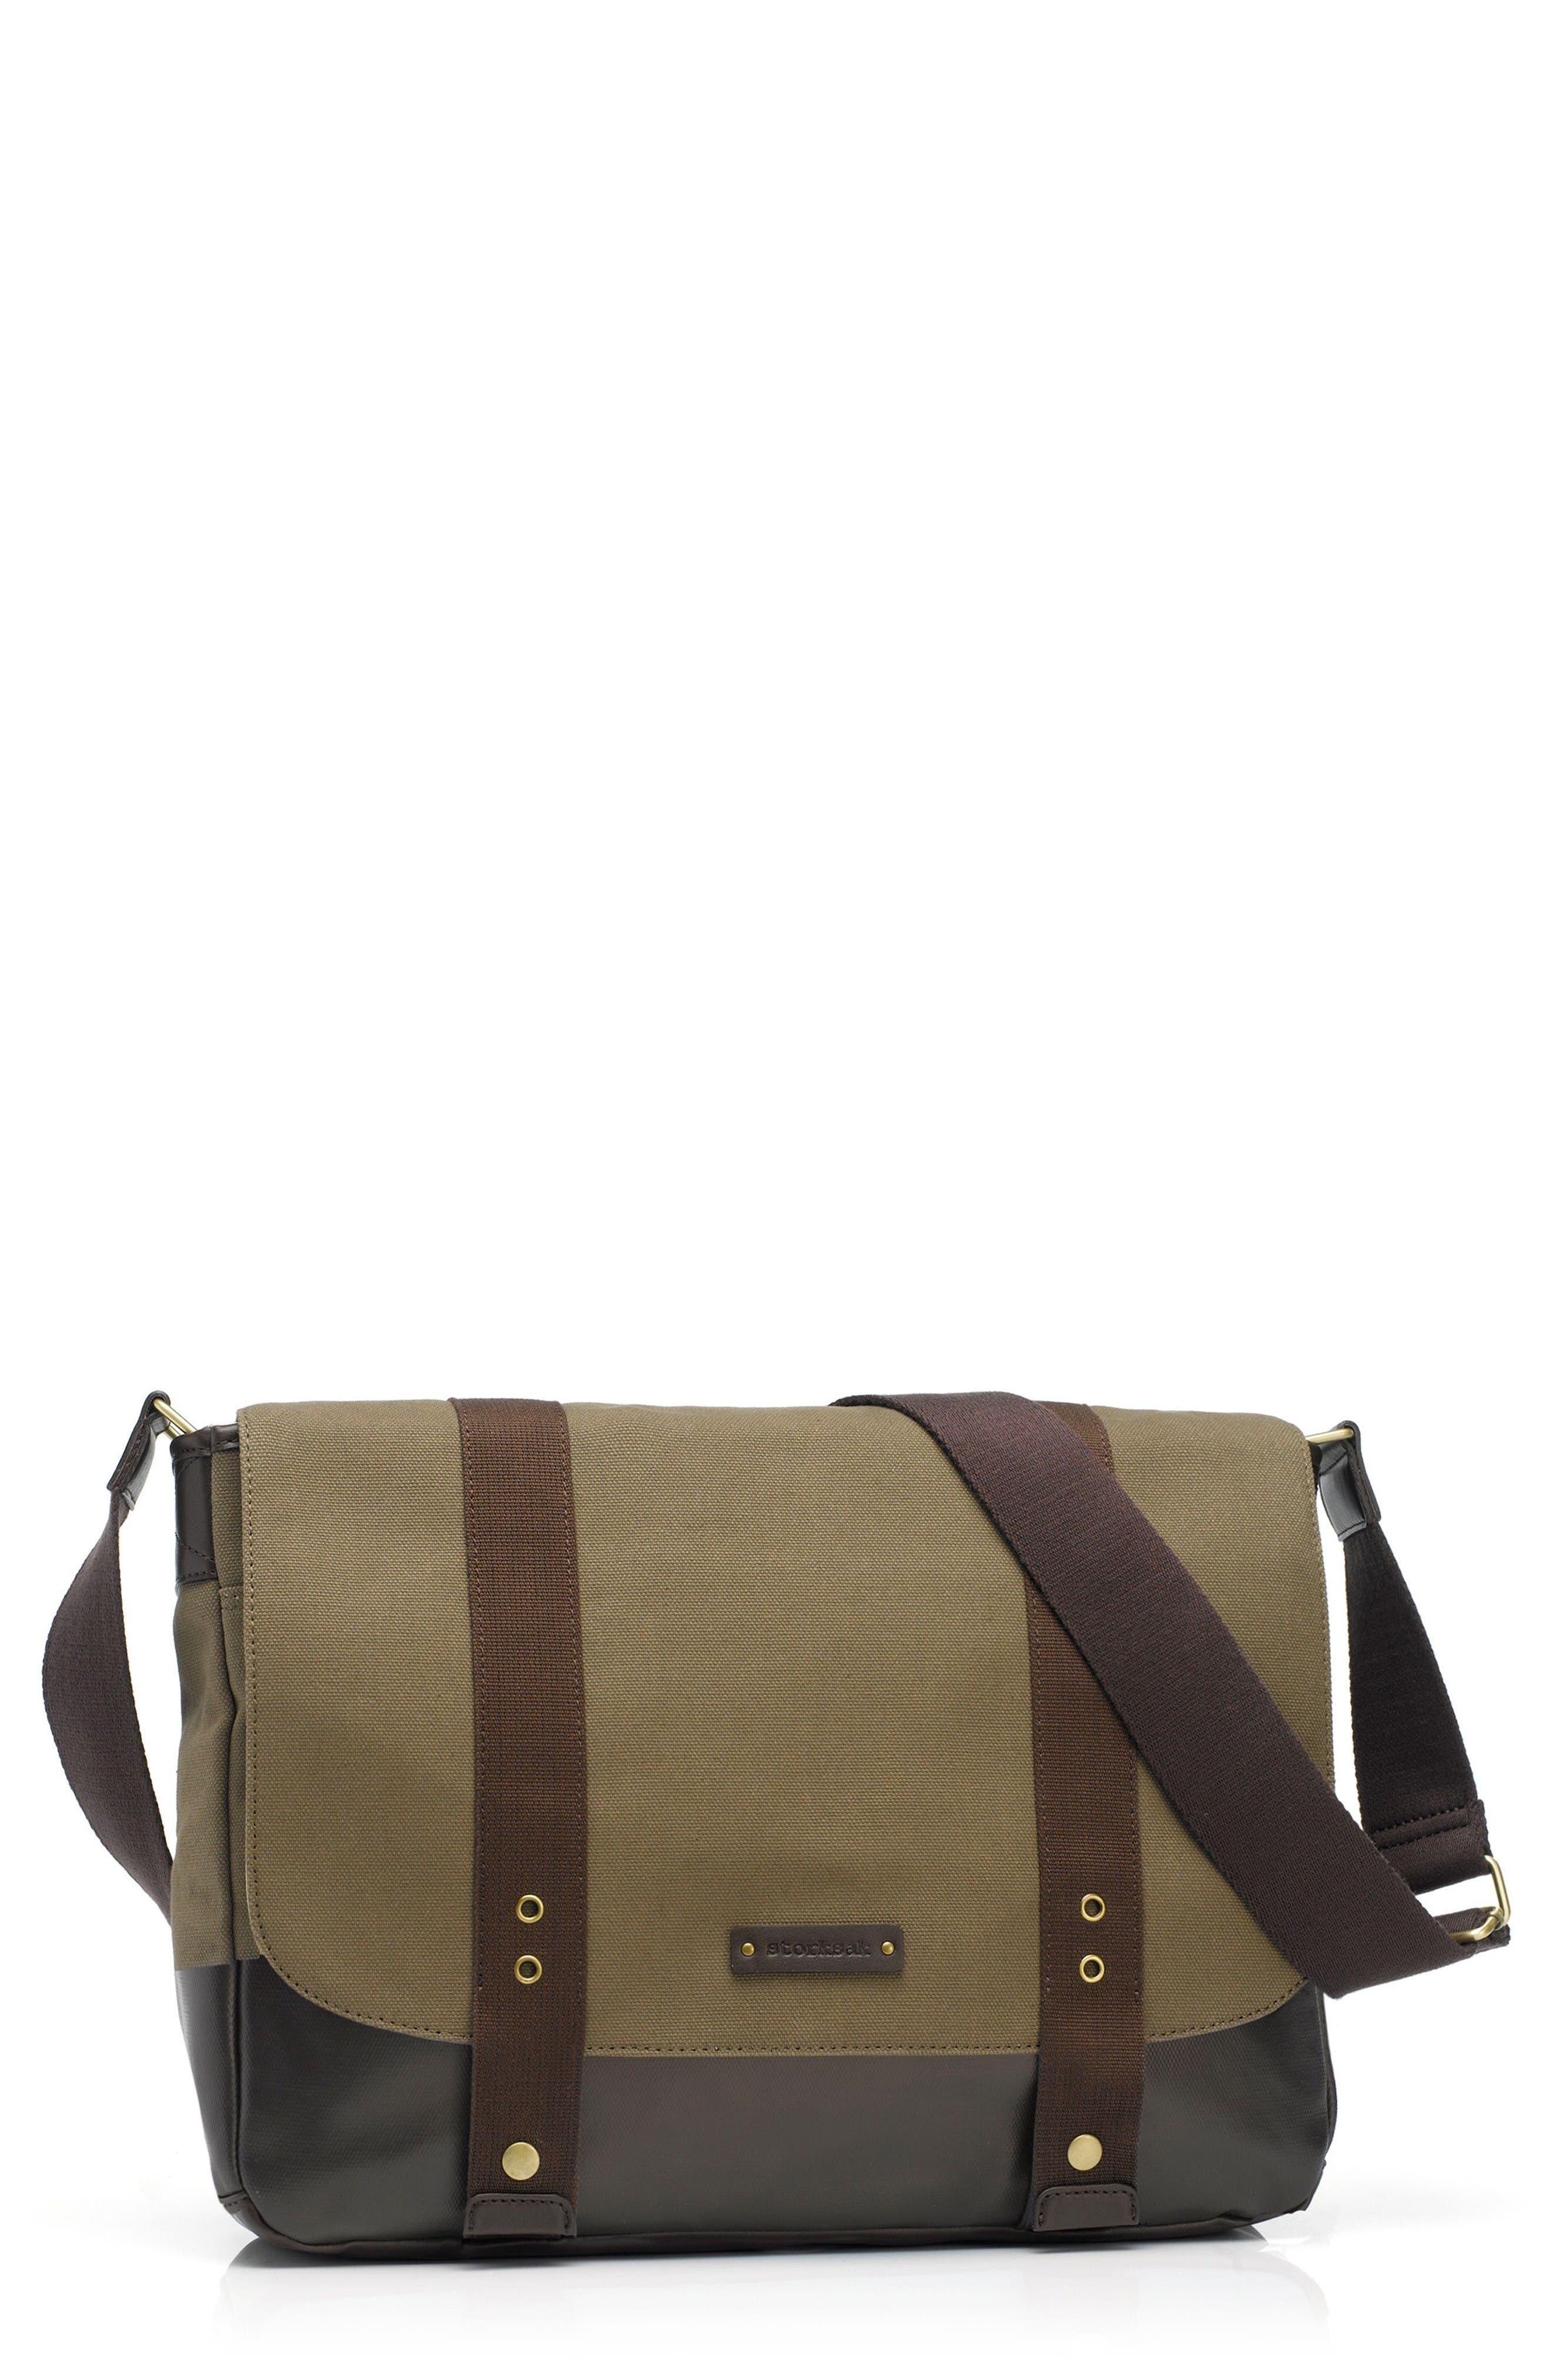 Main Image - Storksak 'Aubrey' Diaper Bag